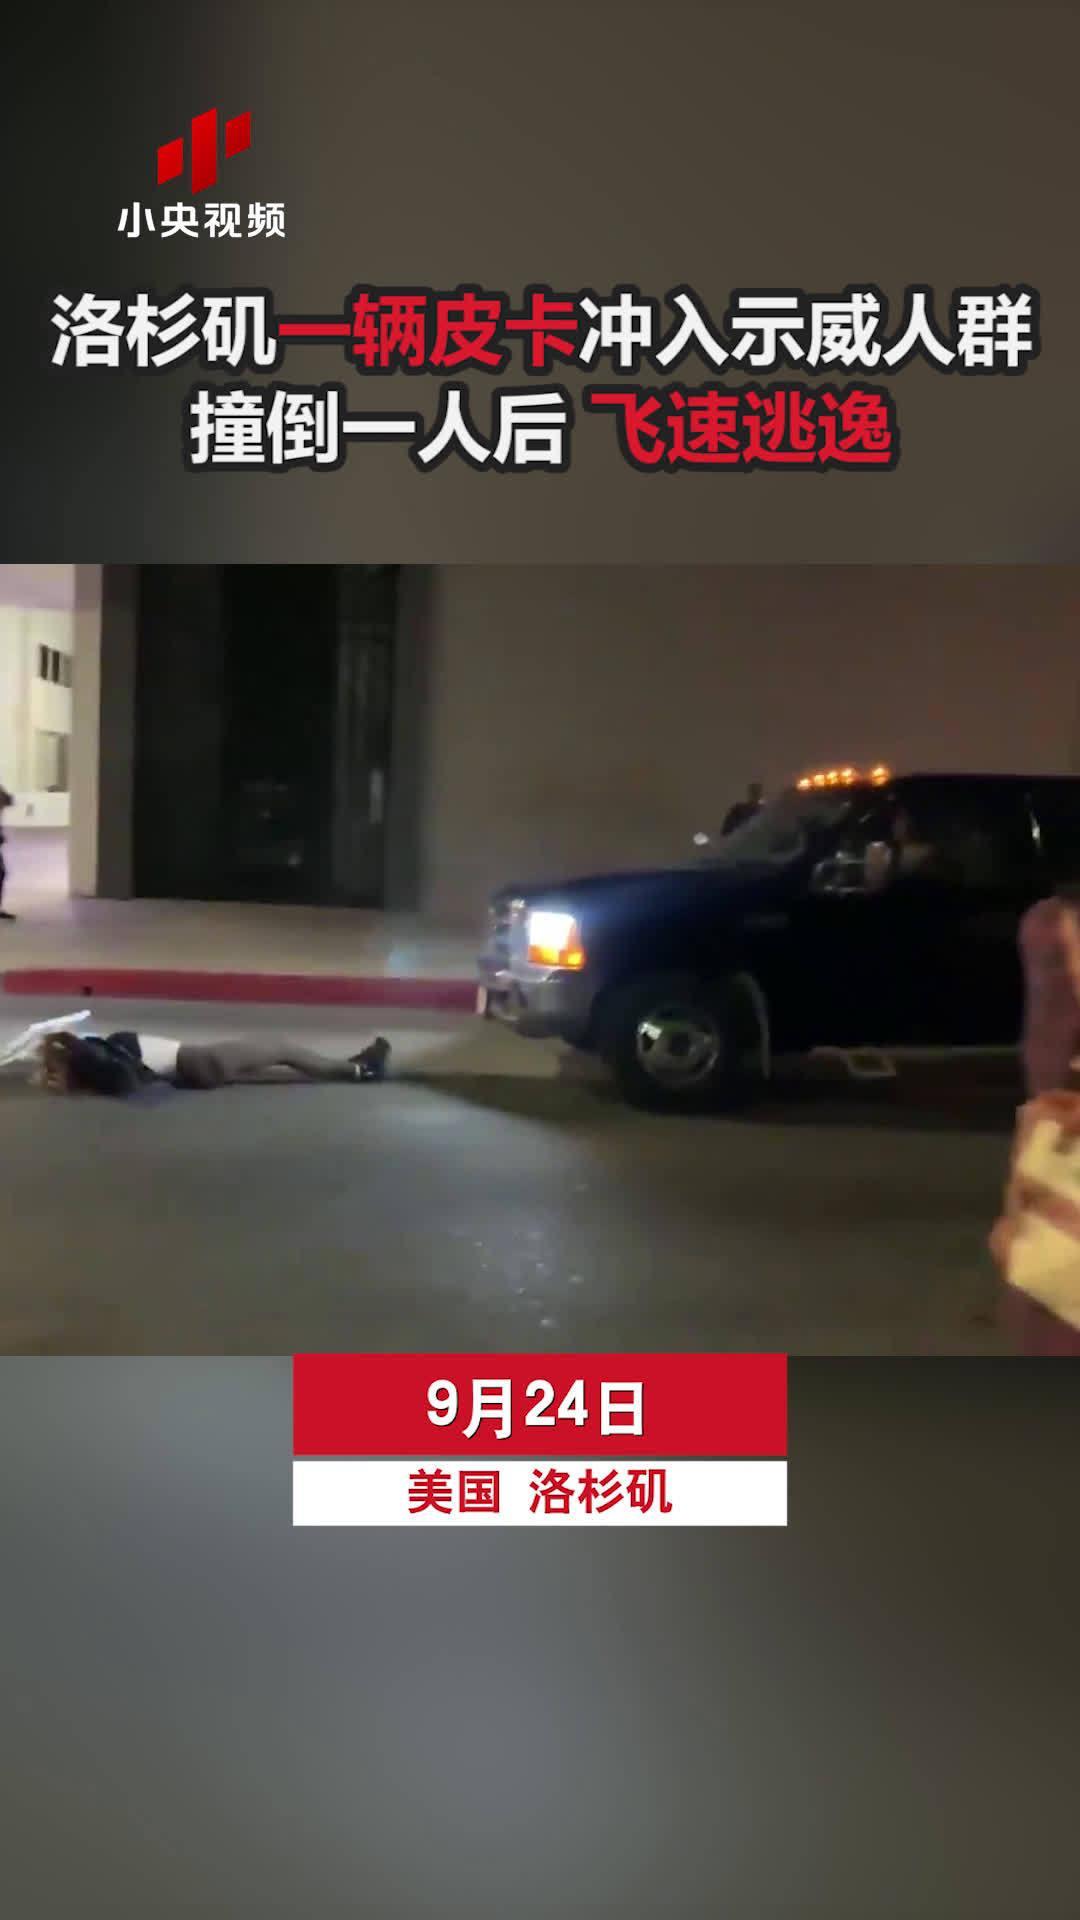 洛杉矶一辆皮卡冲入示威人群 撞倒一人后飞速逃逸